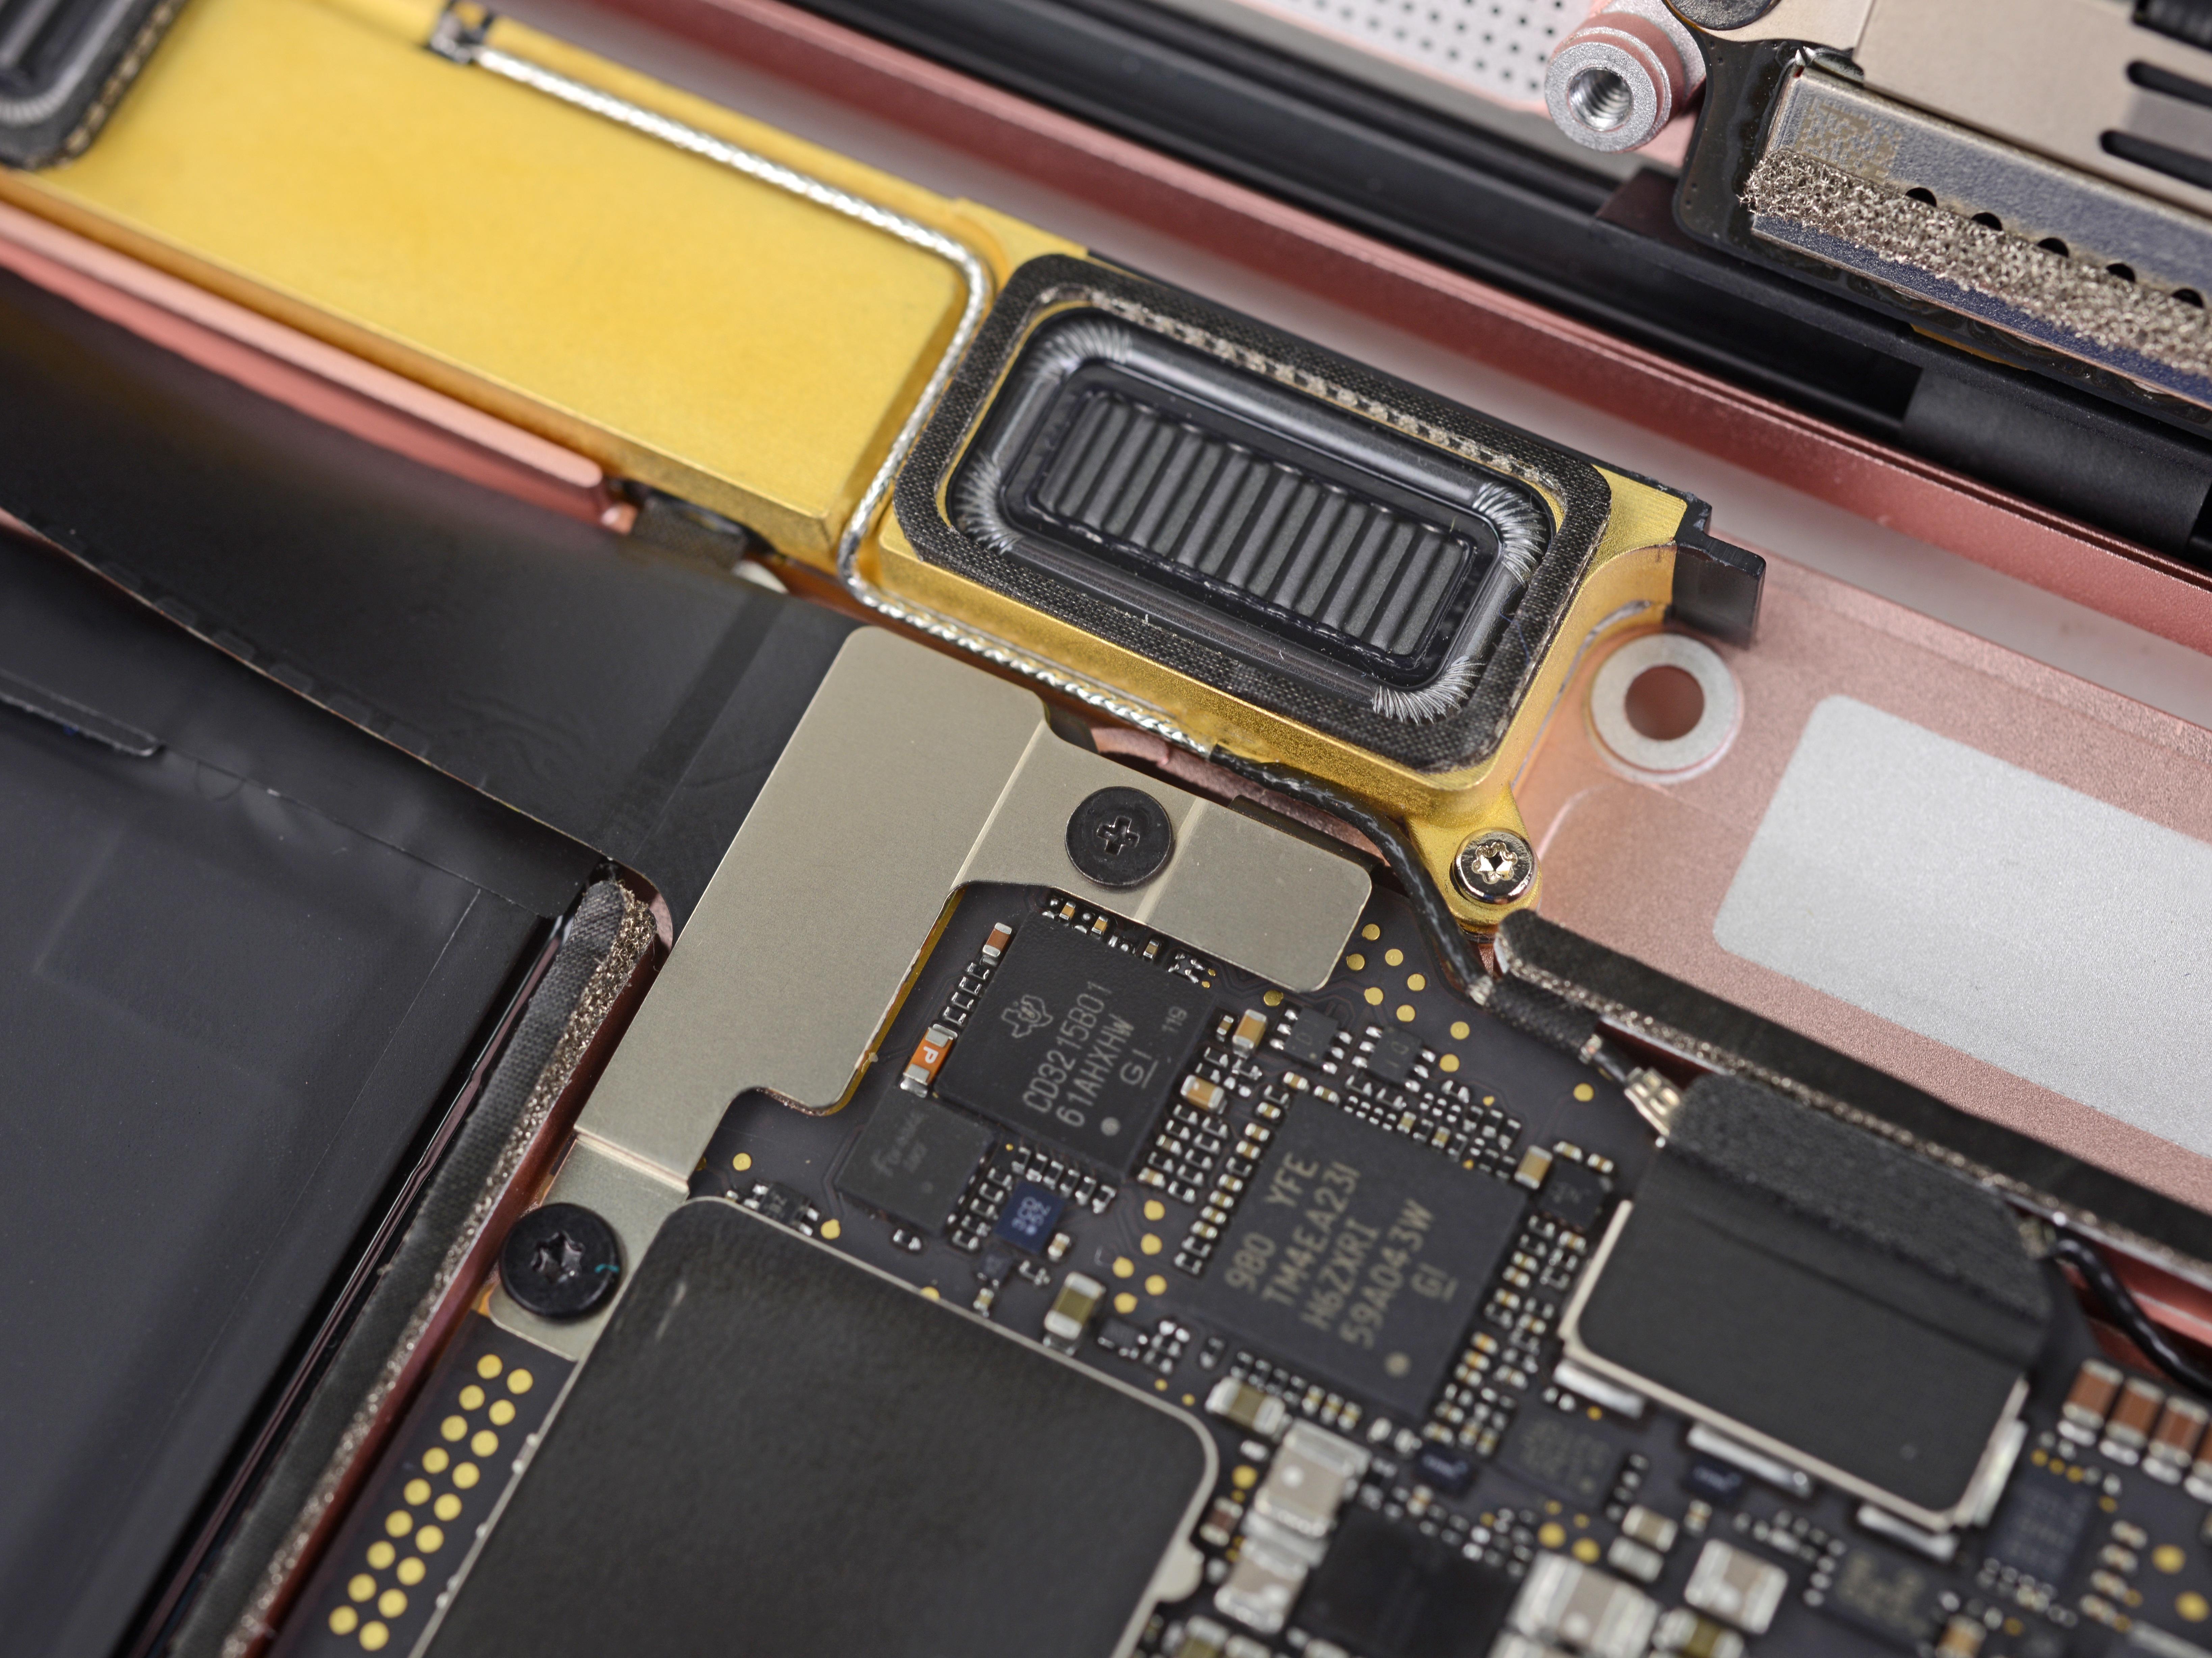 surub MacBook 12 inch 2016 anulare garantie